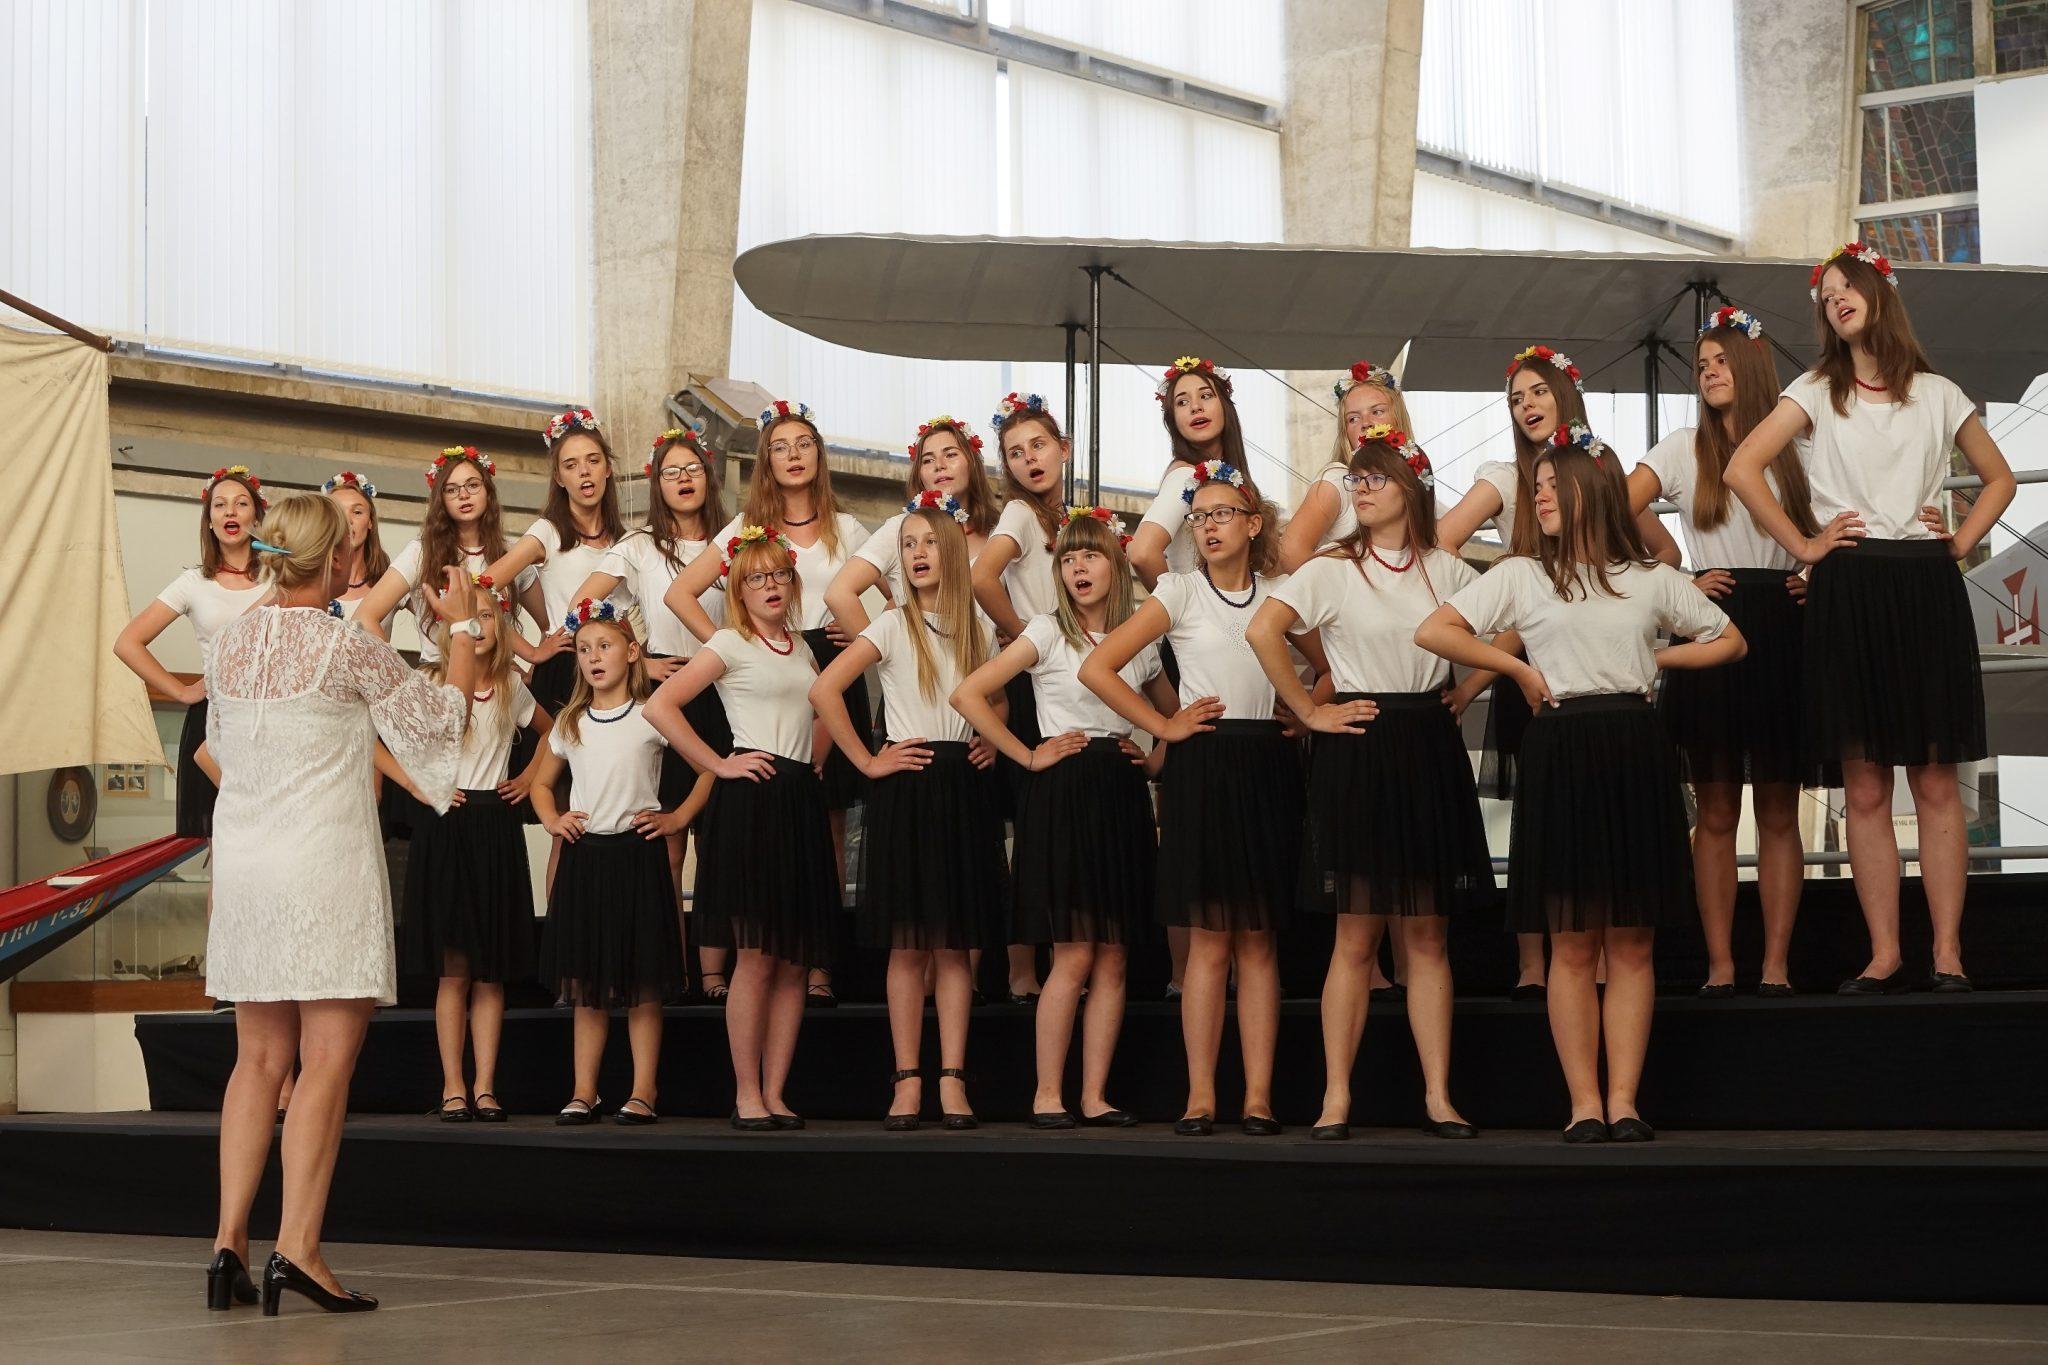 Jovens raparigas do coro polaco, vestidas de saia preta e t-shirt branca e com uma coroa de flores à cabeça, dançam de mãos na cintura durante a atuação no Museu da Marinha.